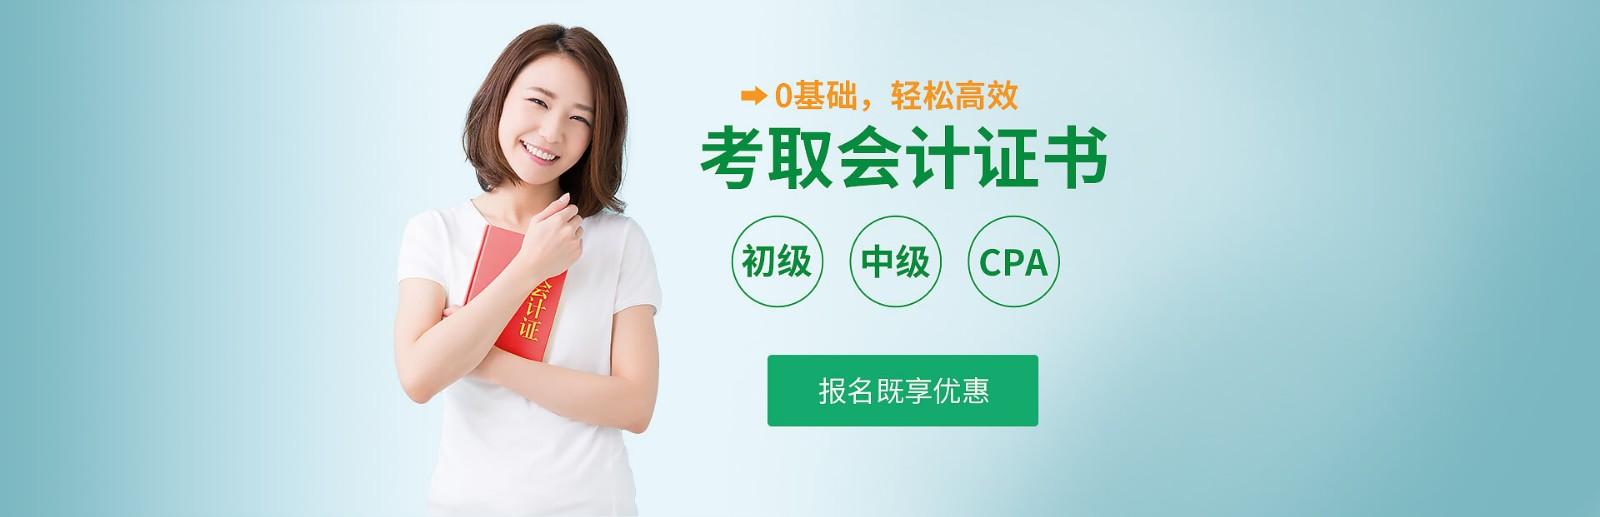 衡阳恒企会计万博网页版登录学校 横幅广告